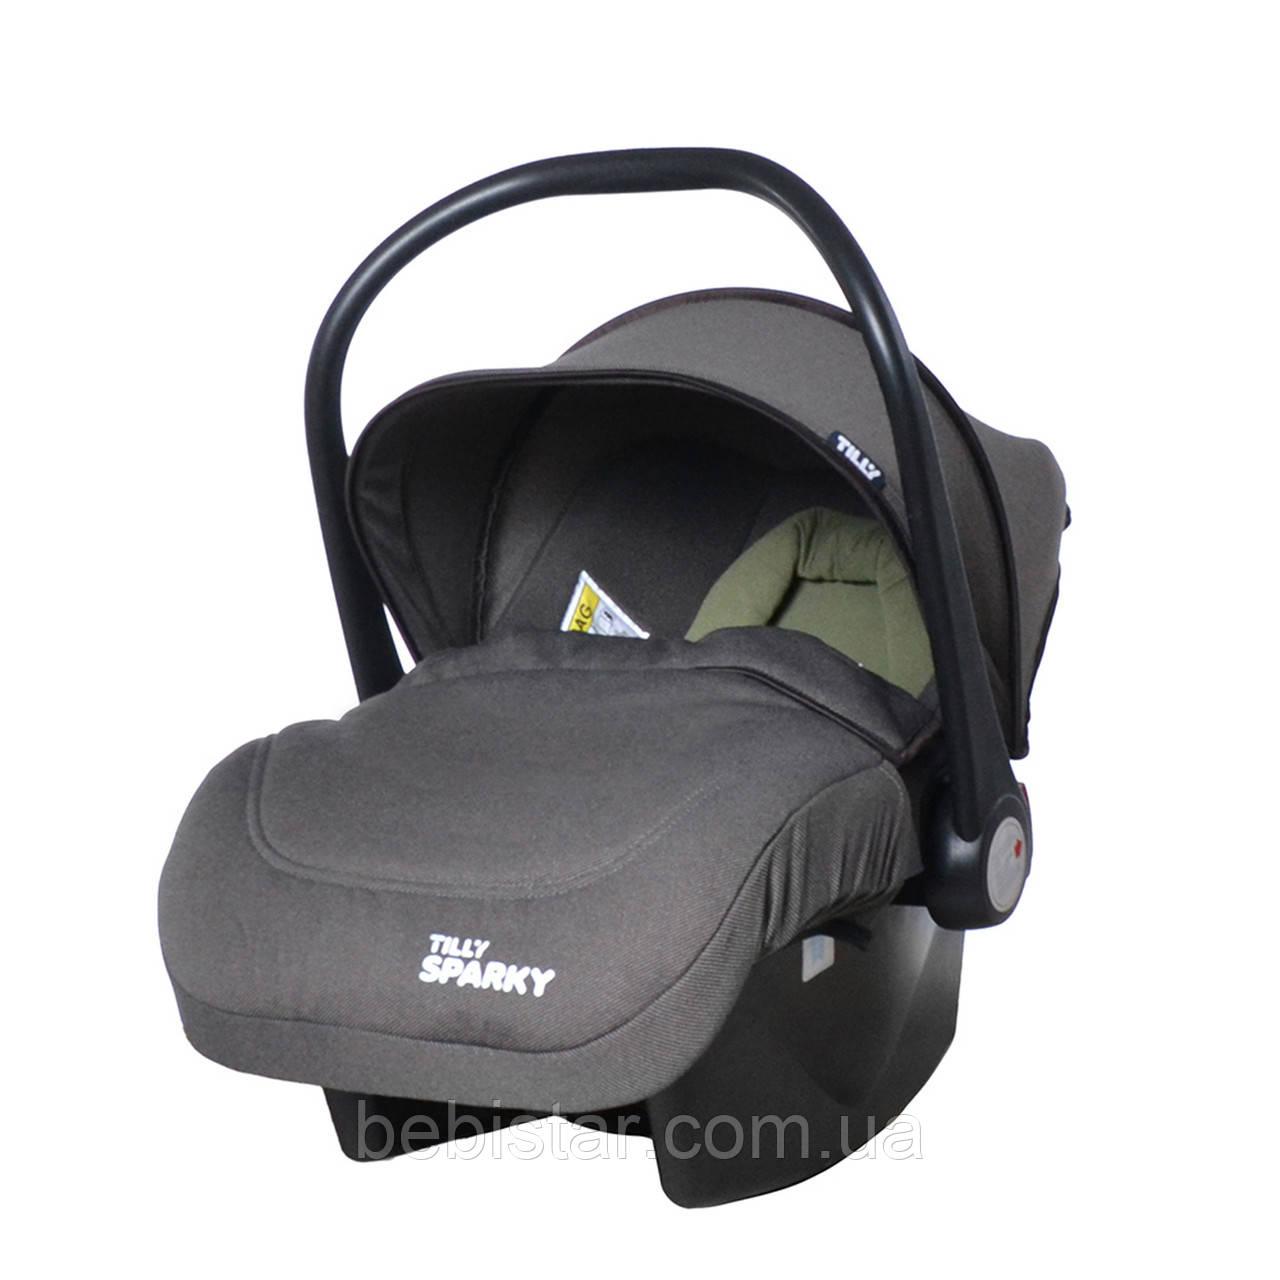 Детское автокресло-переноска серого цвета TILLY Sparky T-511/2 Grey от рождения до 15 месяцев